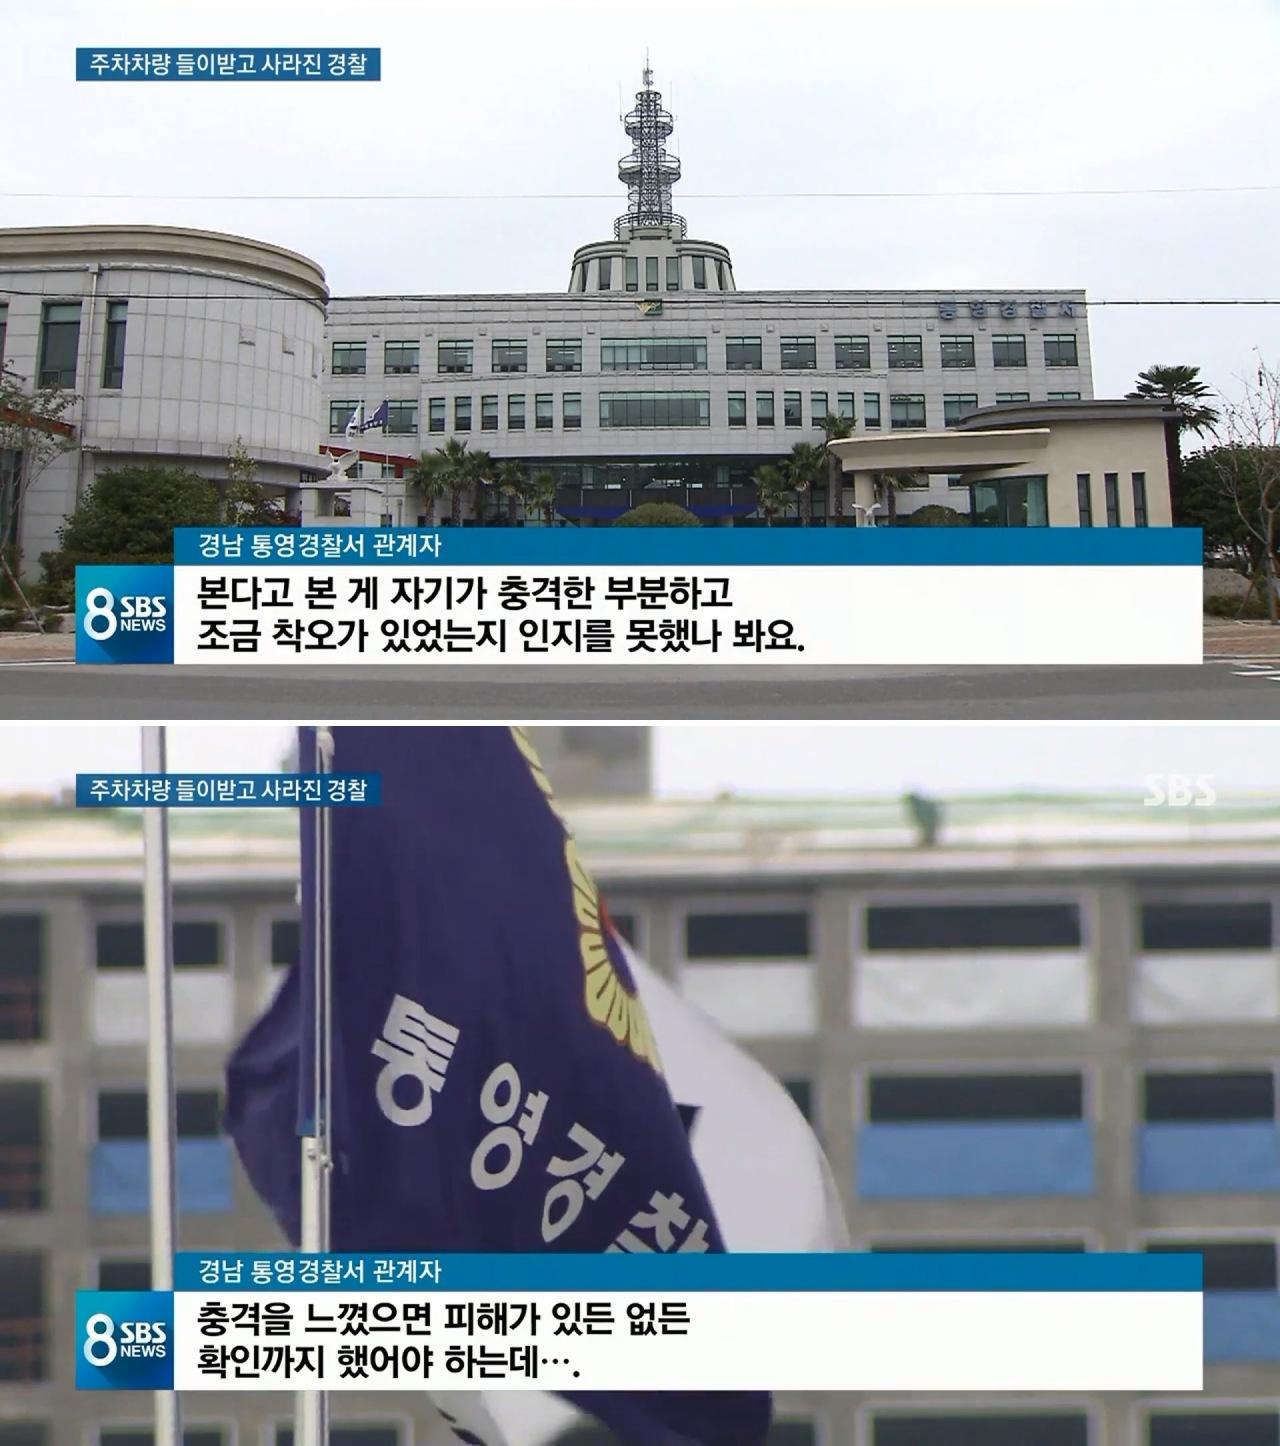 AutoK 업그레이드 여경 아몰랑  주차차량 뺑소니 통영 경찰